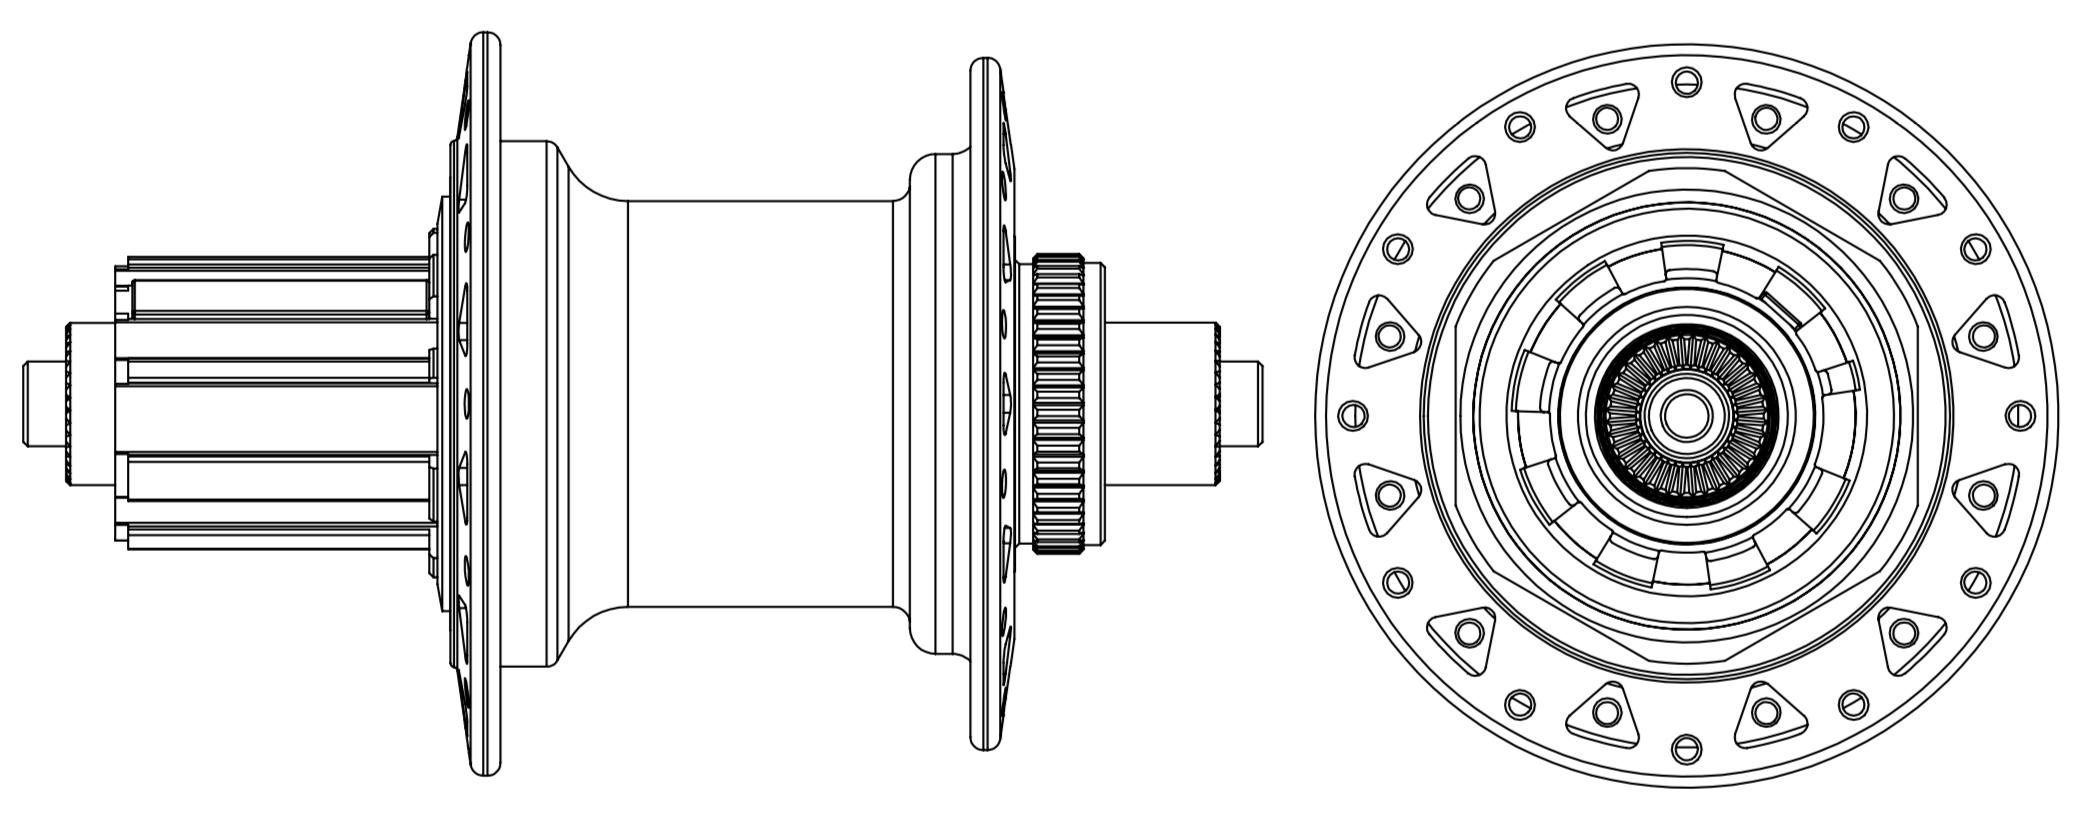 hub-drawings-raven1.jpg